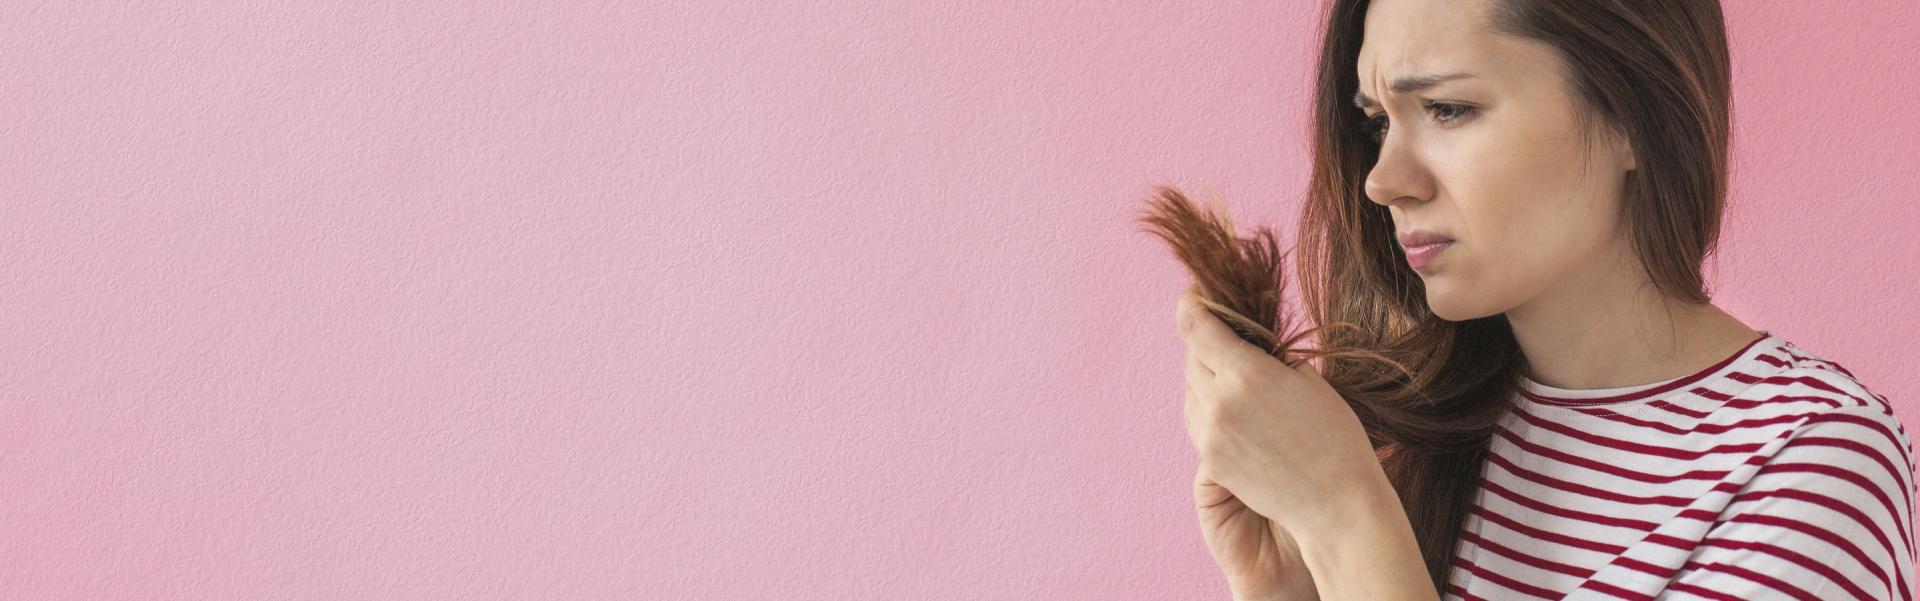 <p>¿Sabías que puede ser normal<br /> perder hasta 100 cabellos al día?</p>